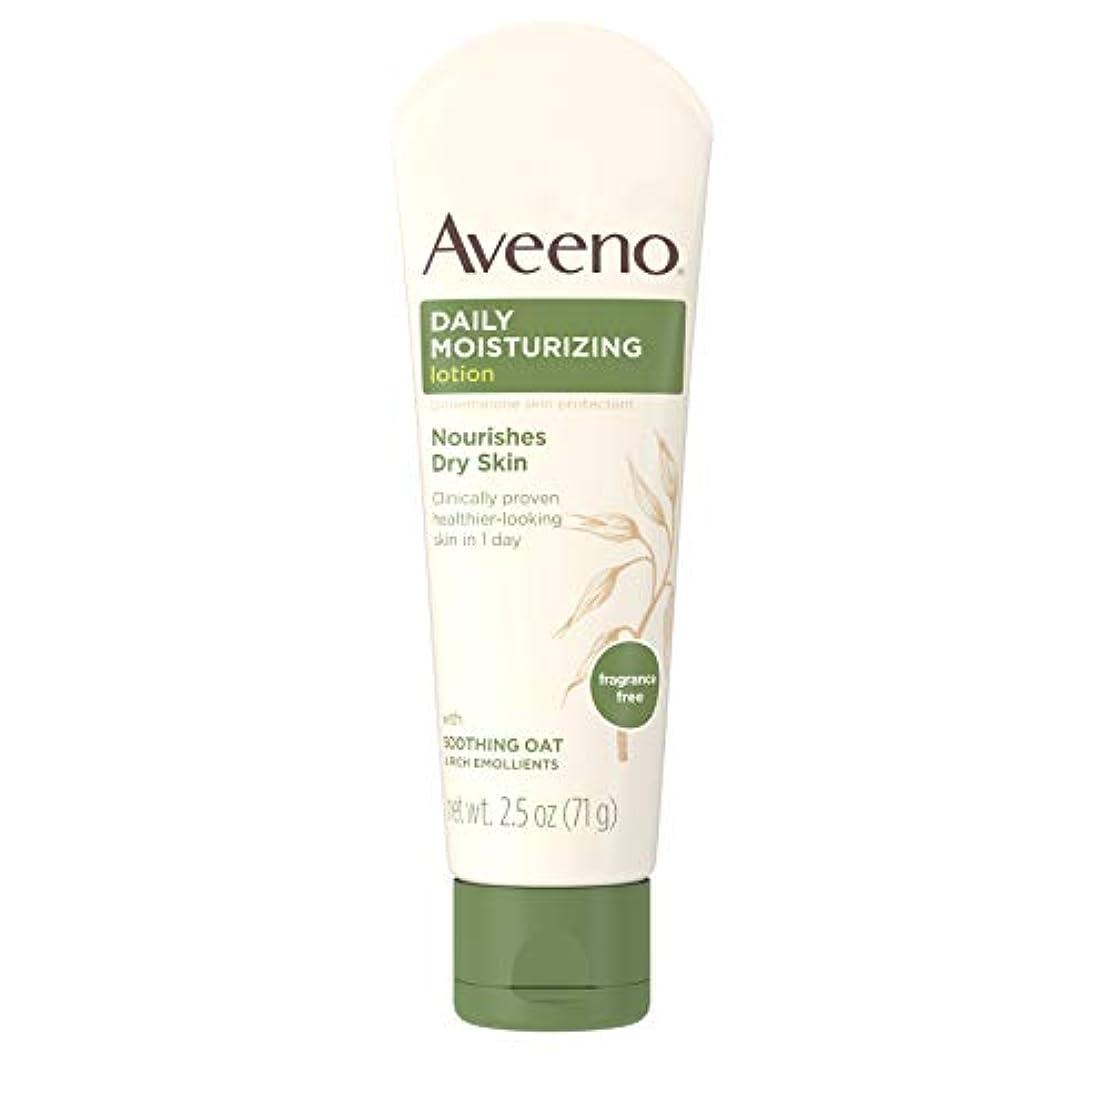 プラスランプ委員長Aveeno Daily Moisturizing Lotion with Oatmeal and Rich Emollients Fragrance Free, 2.5 oz by Aveeno